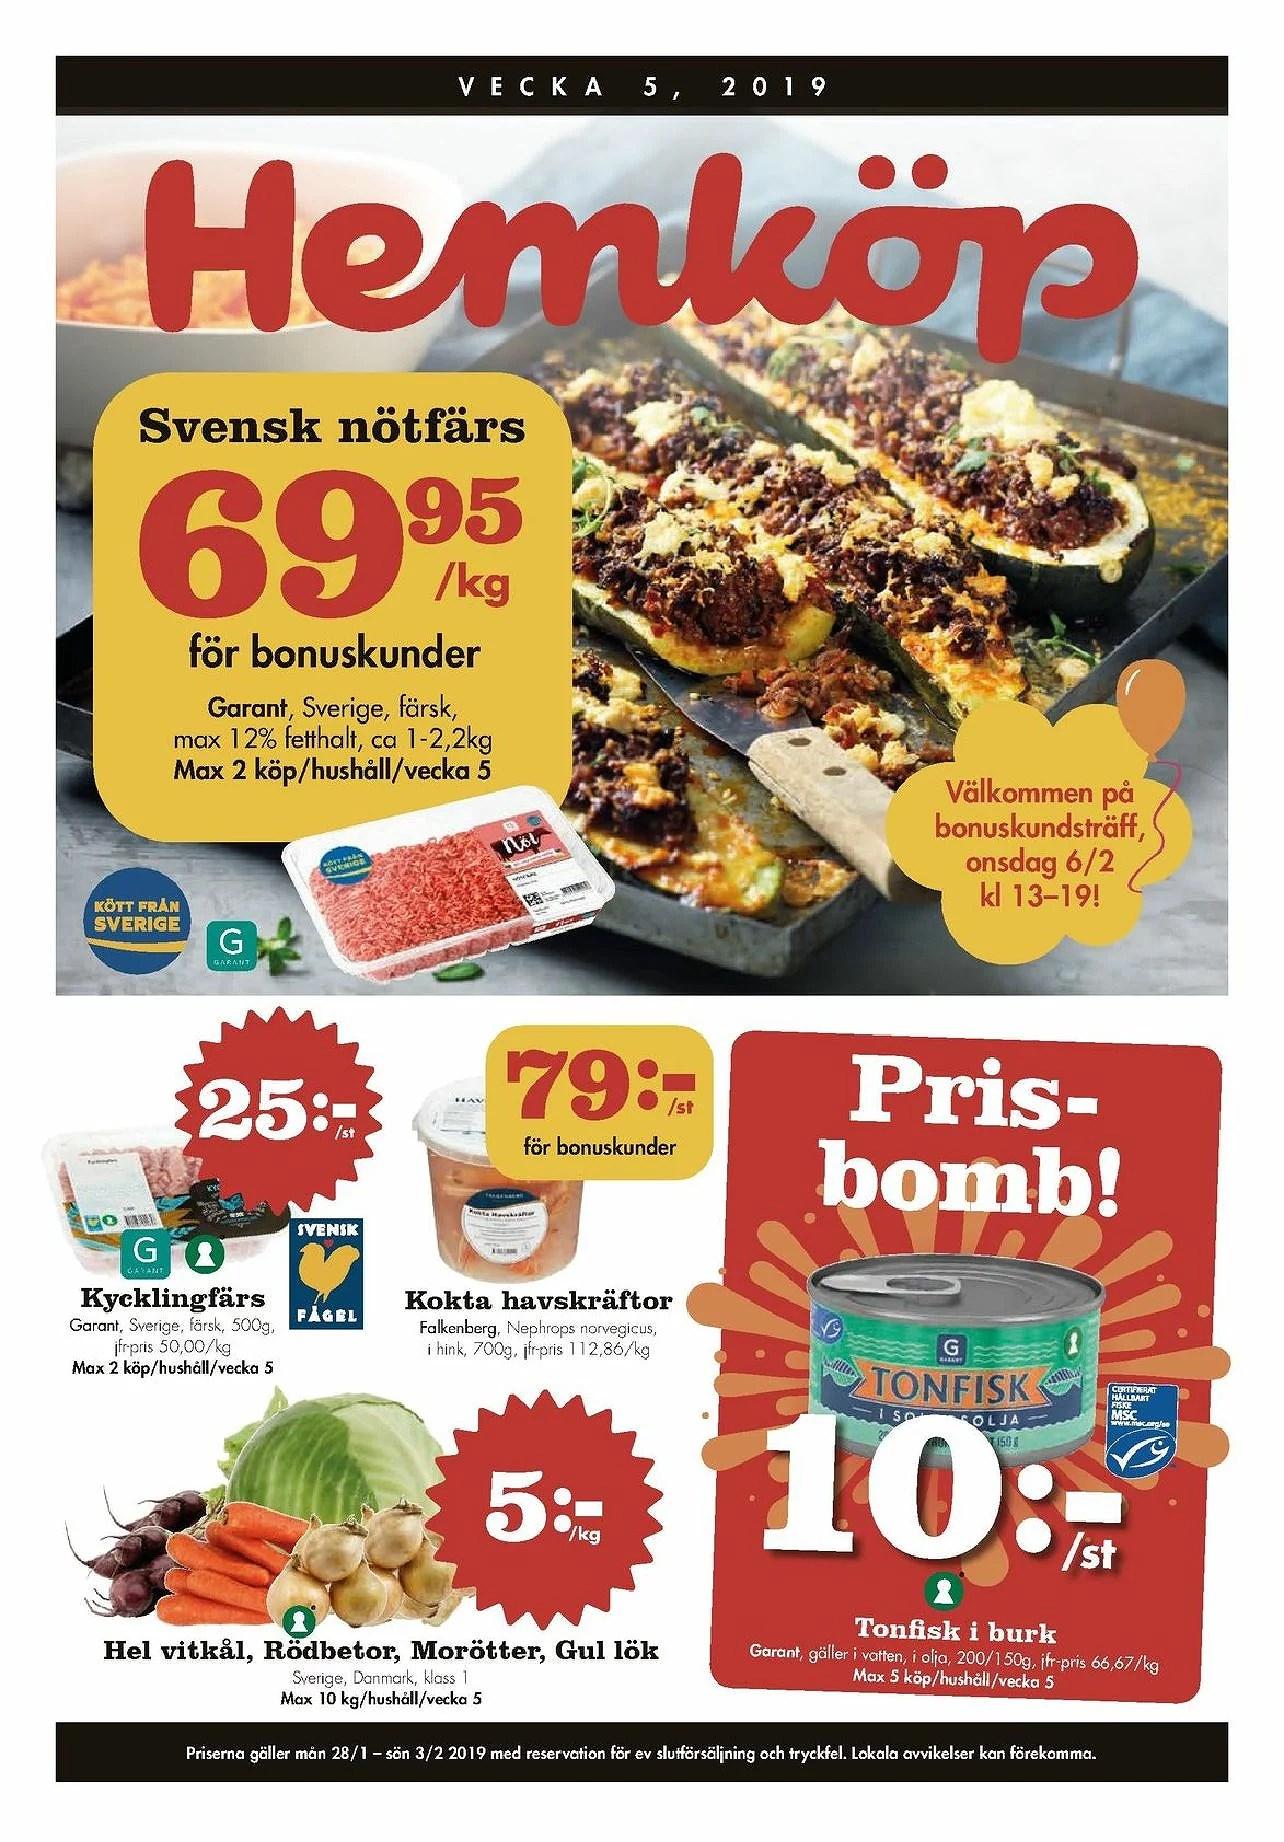 Nästa vecka på Hemköp, tonfisk i burk 10kr, grönsaker 5kr kg, Feta 15kr och annat